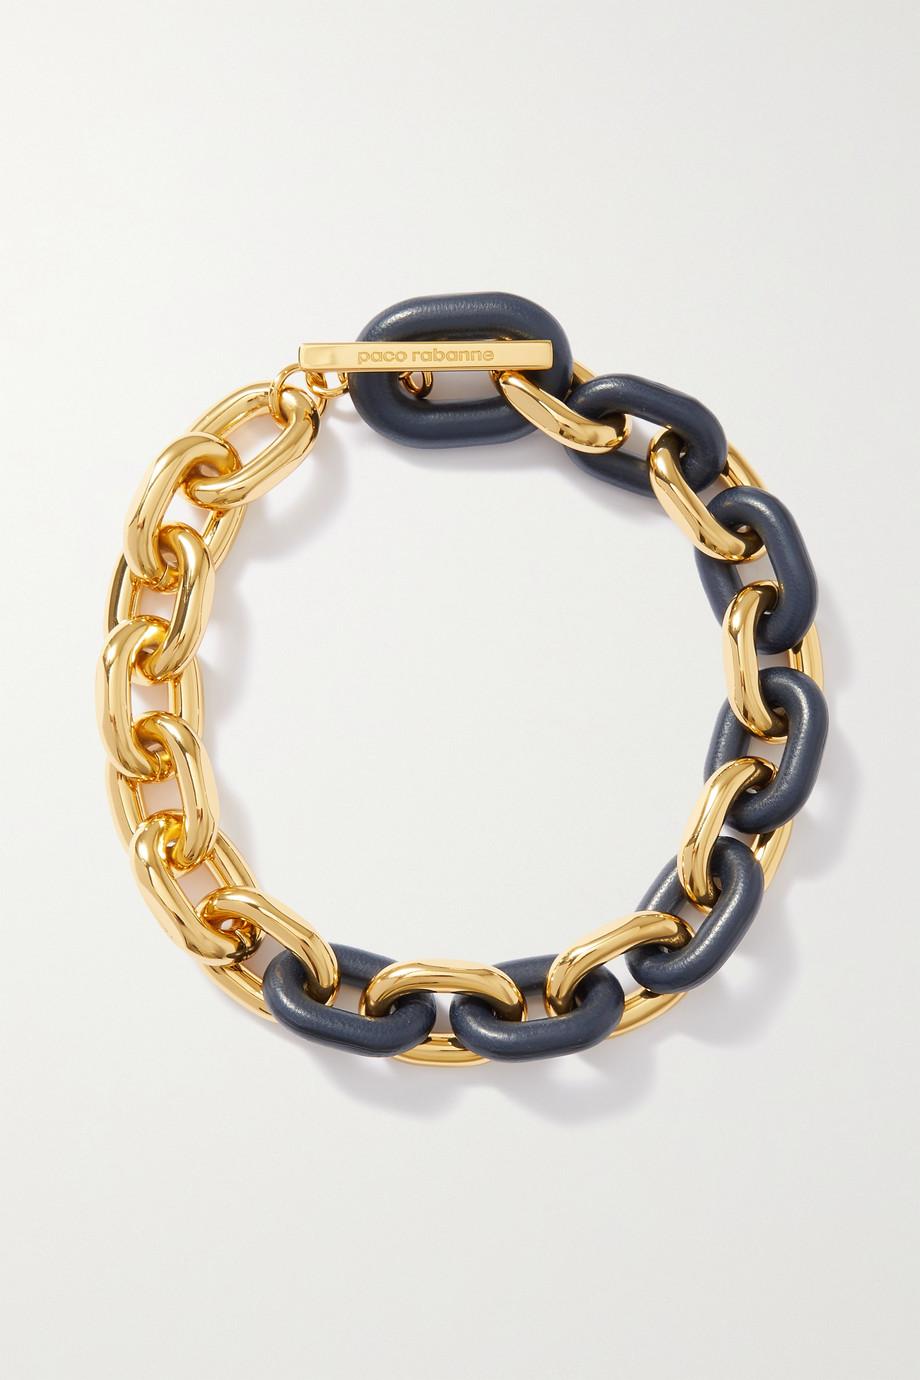 Paco Rabanne Collier en métal doré et cuir XL Link